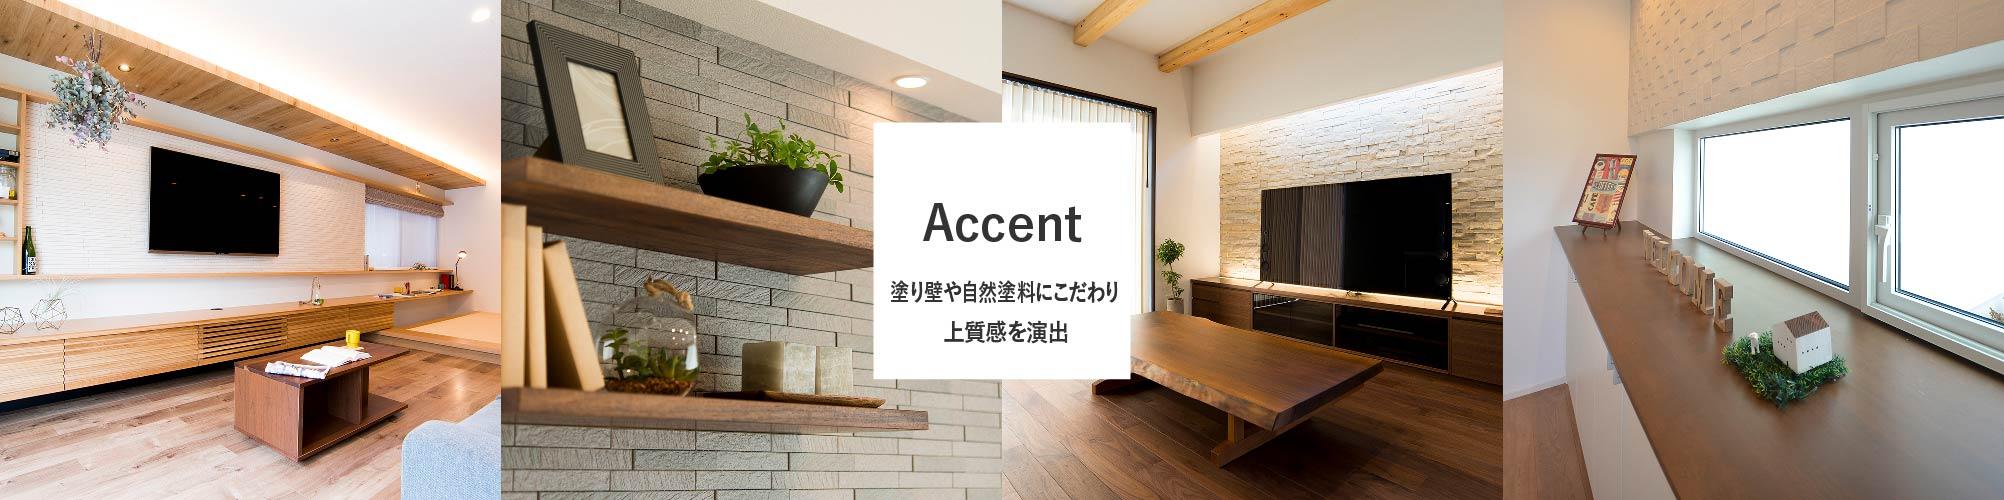 Accent 塗り壁や自然塗料にこだわり上質感を演出